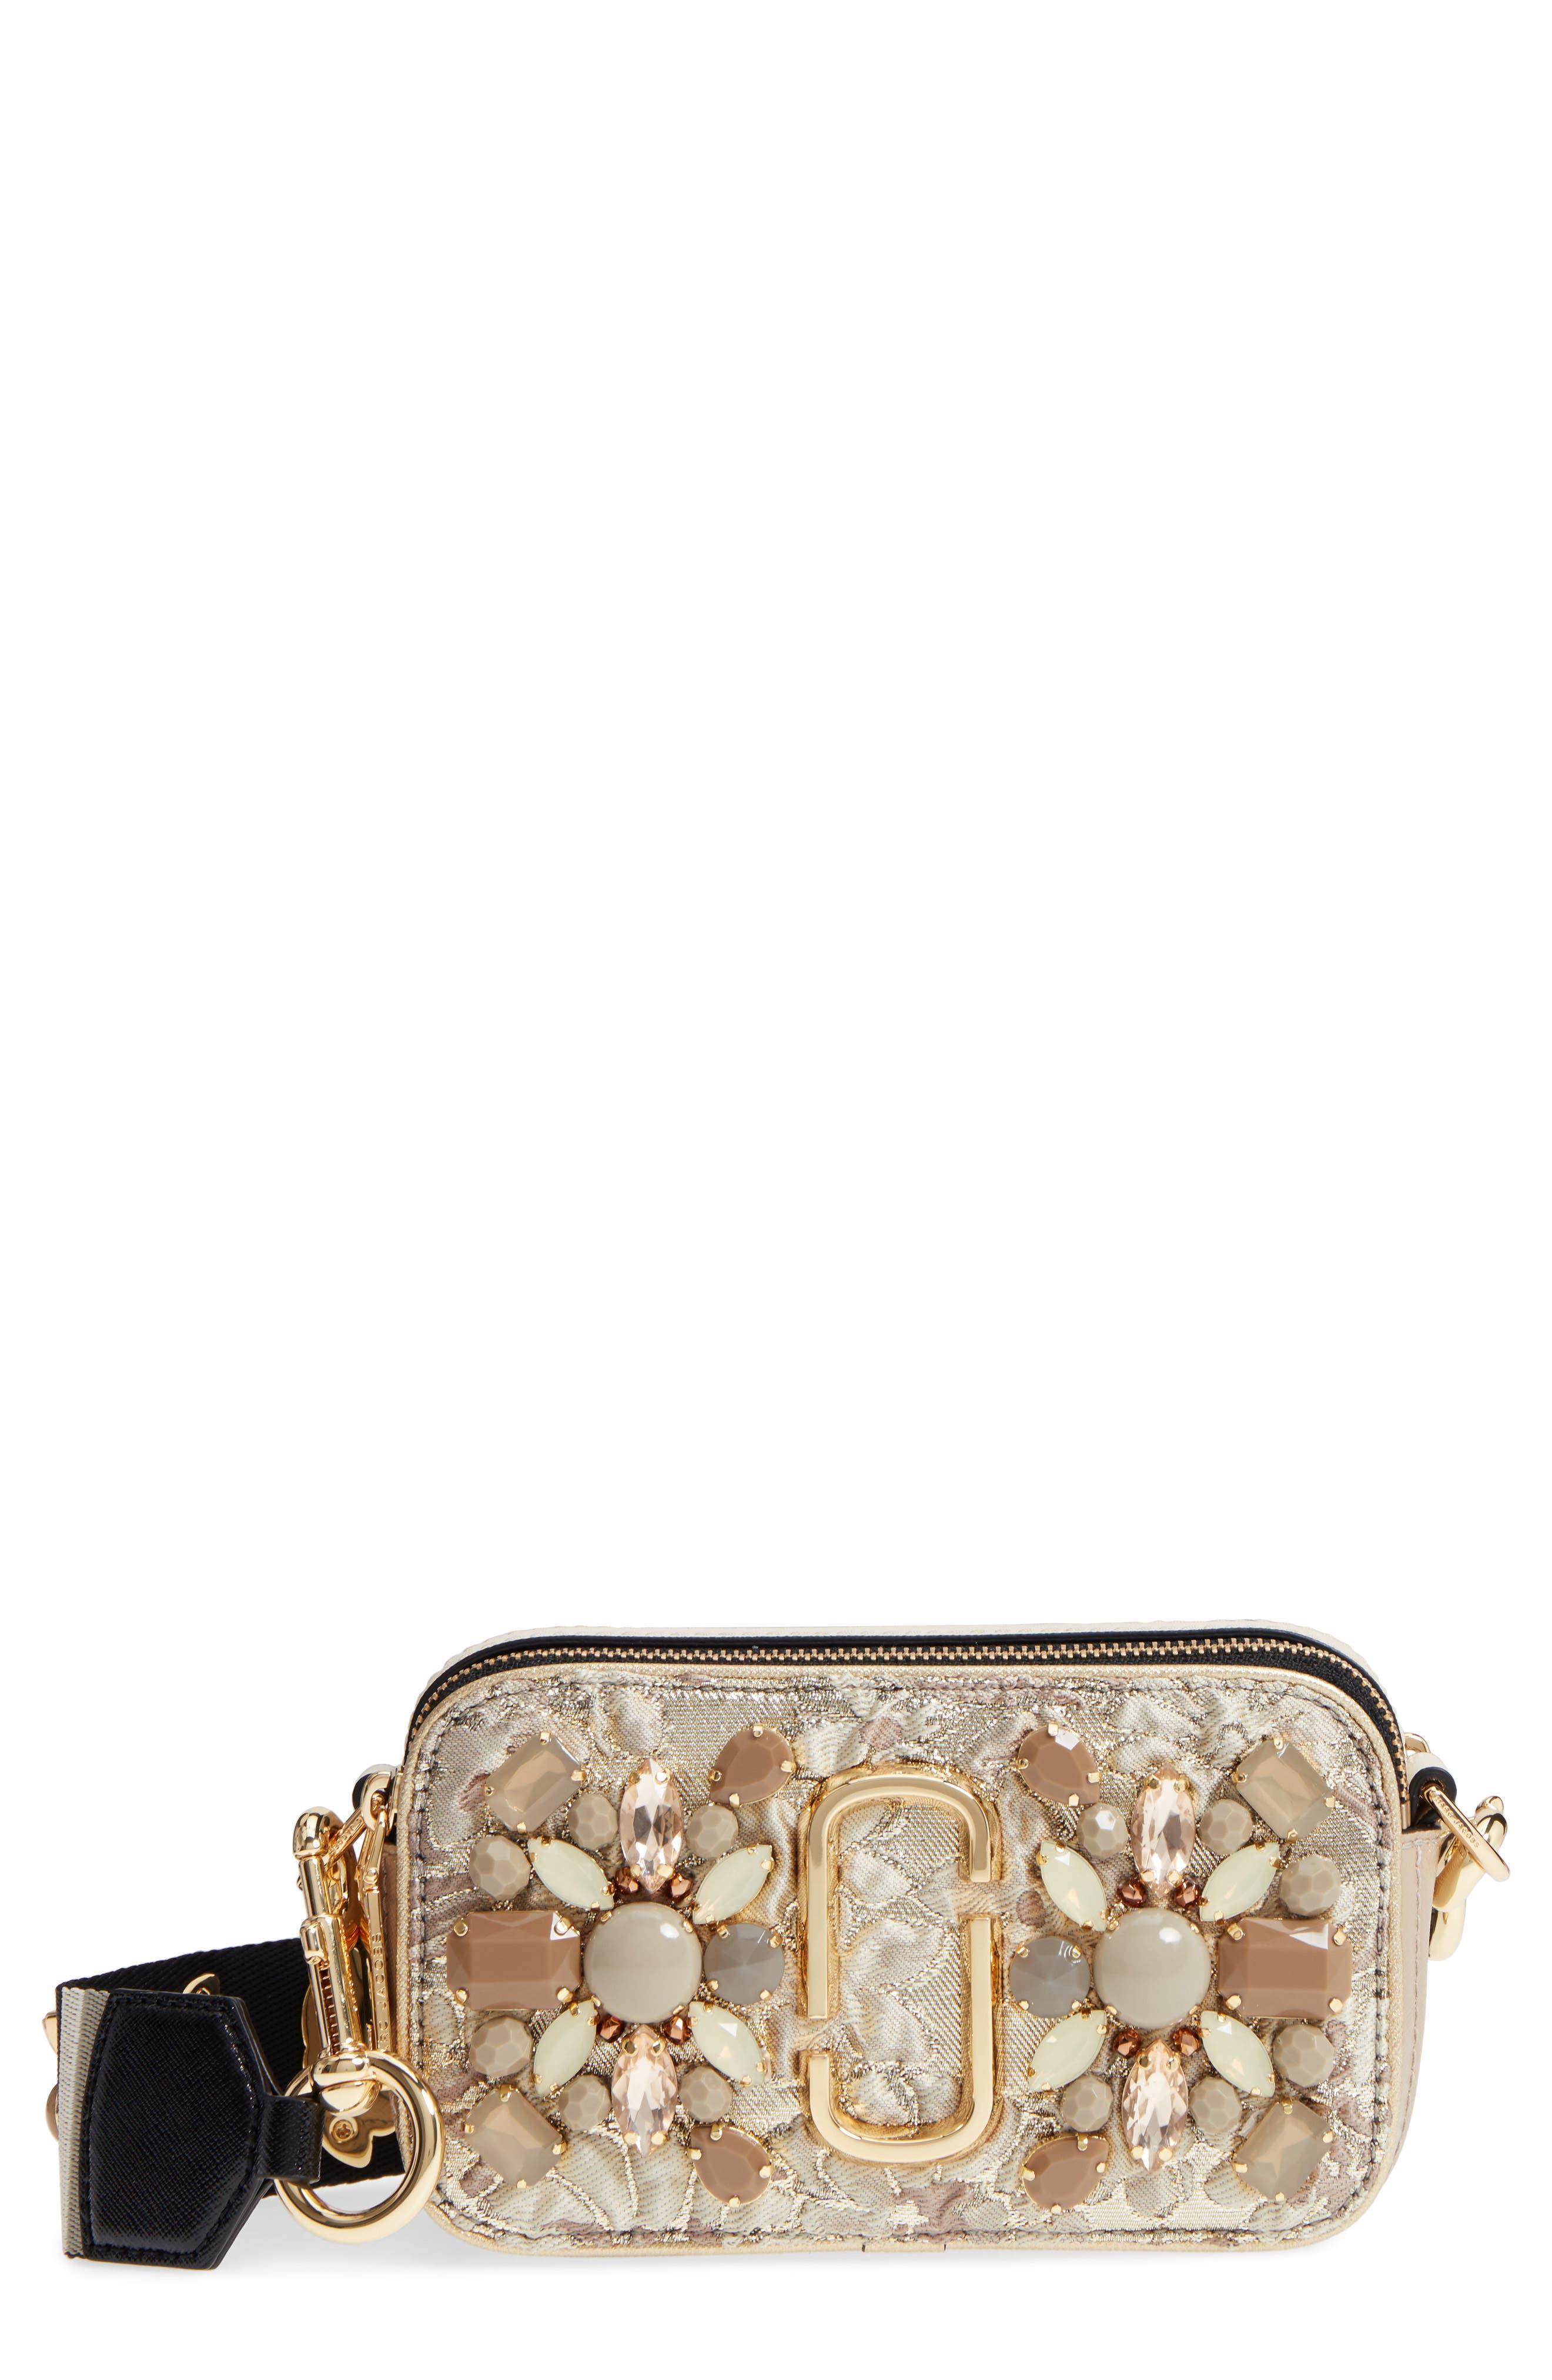 Snapshot Brocade Crossbody Bag,                             Main thumbnail 1, color,                             250